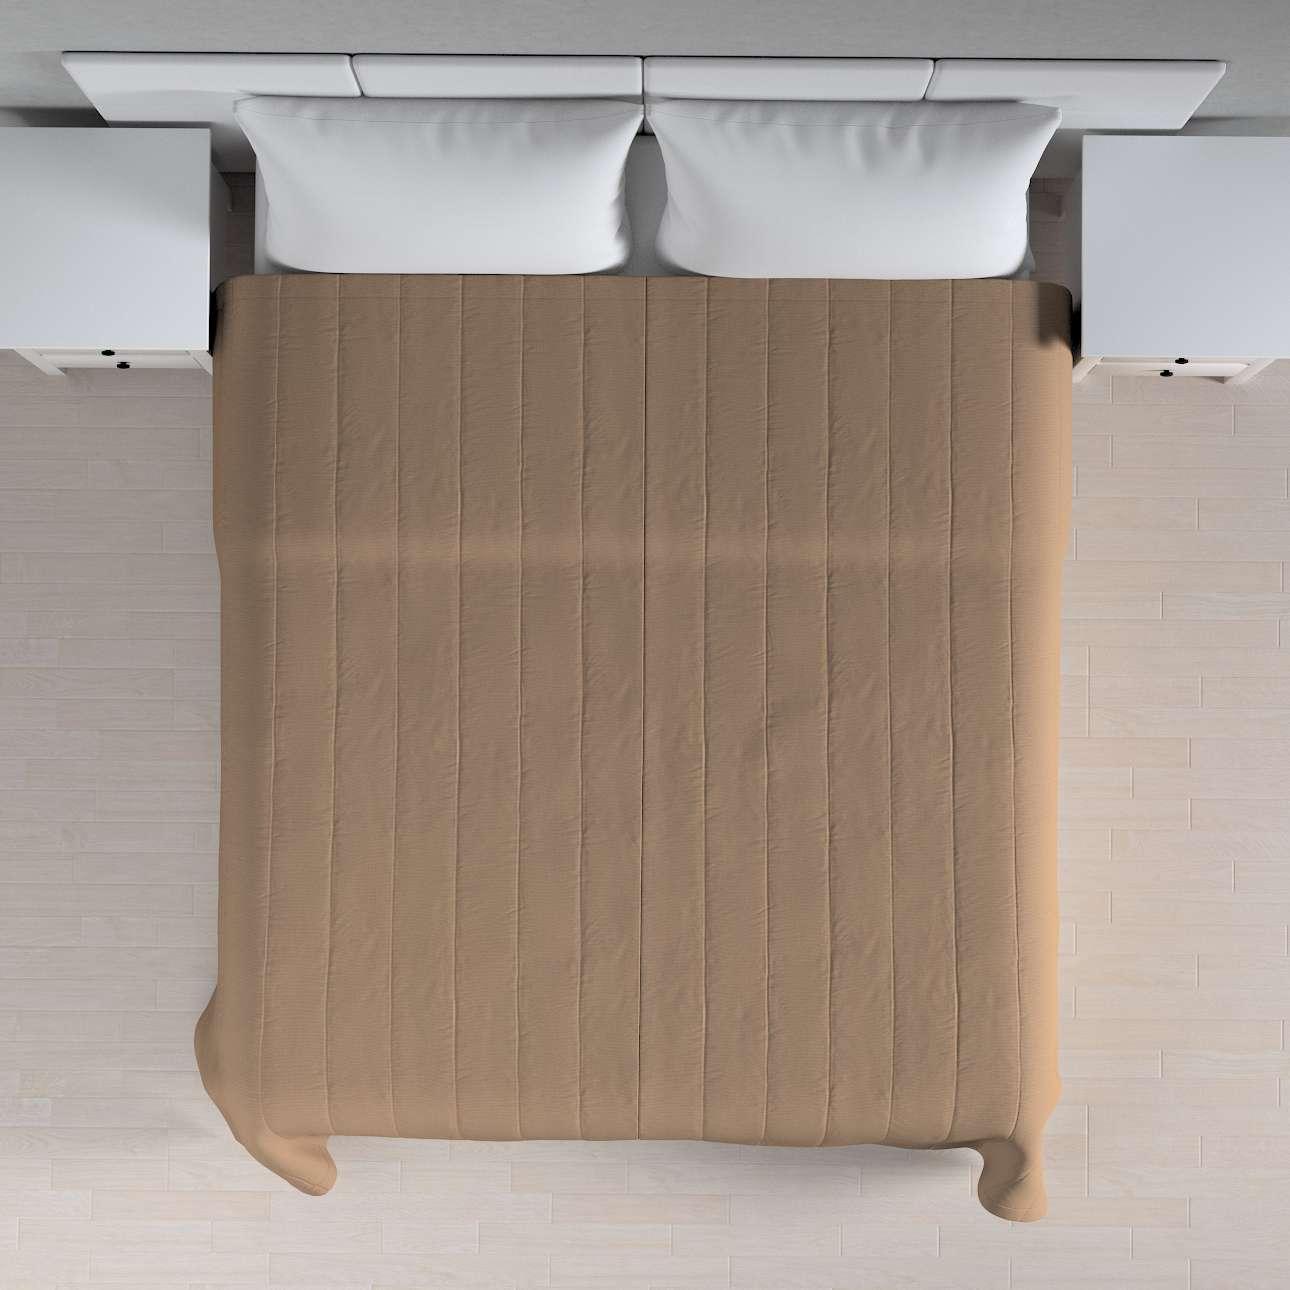 Einfacher Überwurf 260 x 210 cm von der Kollektion Quadro, Stoff: 136-09